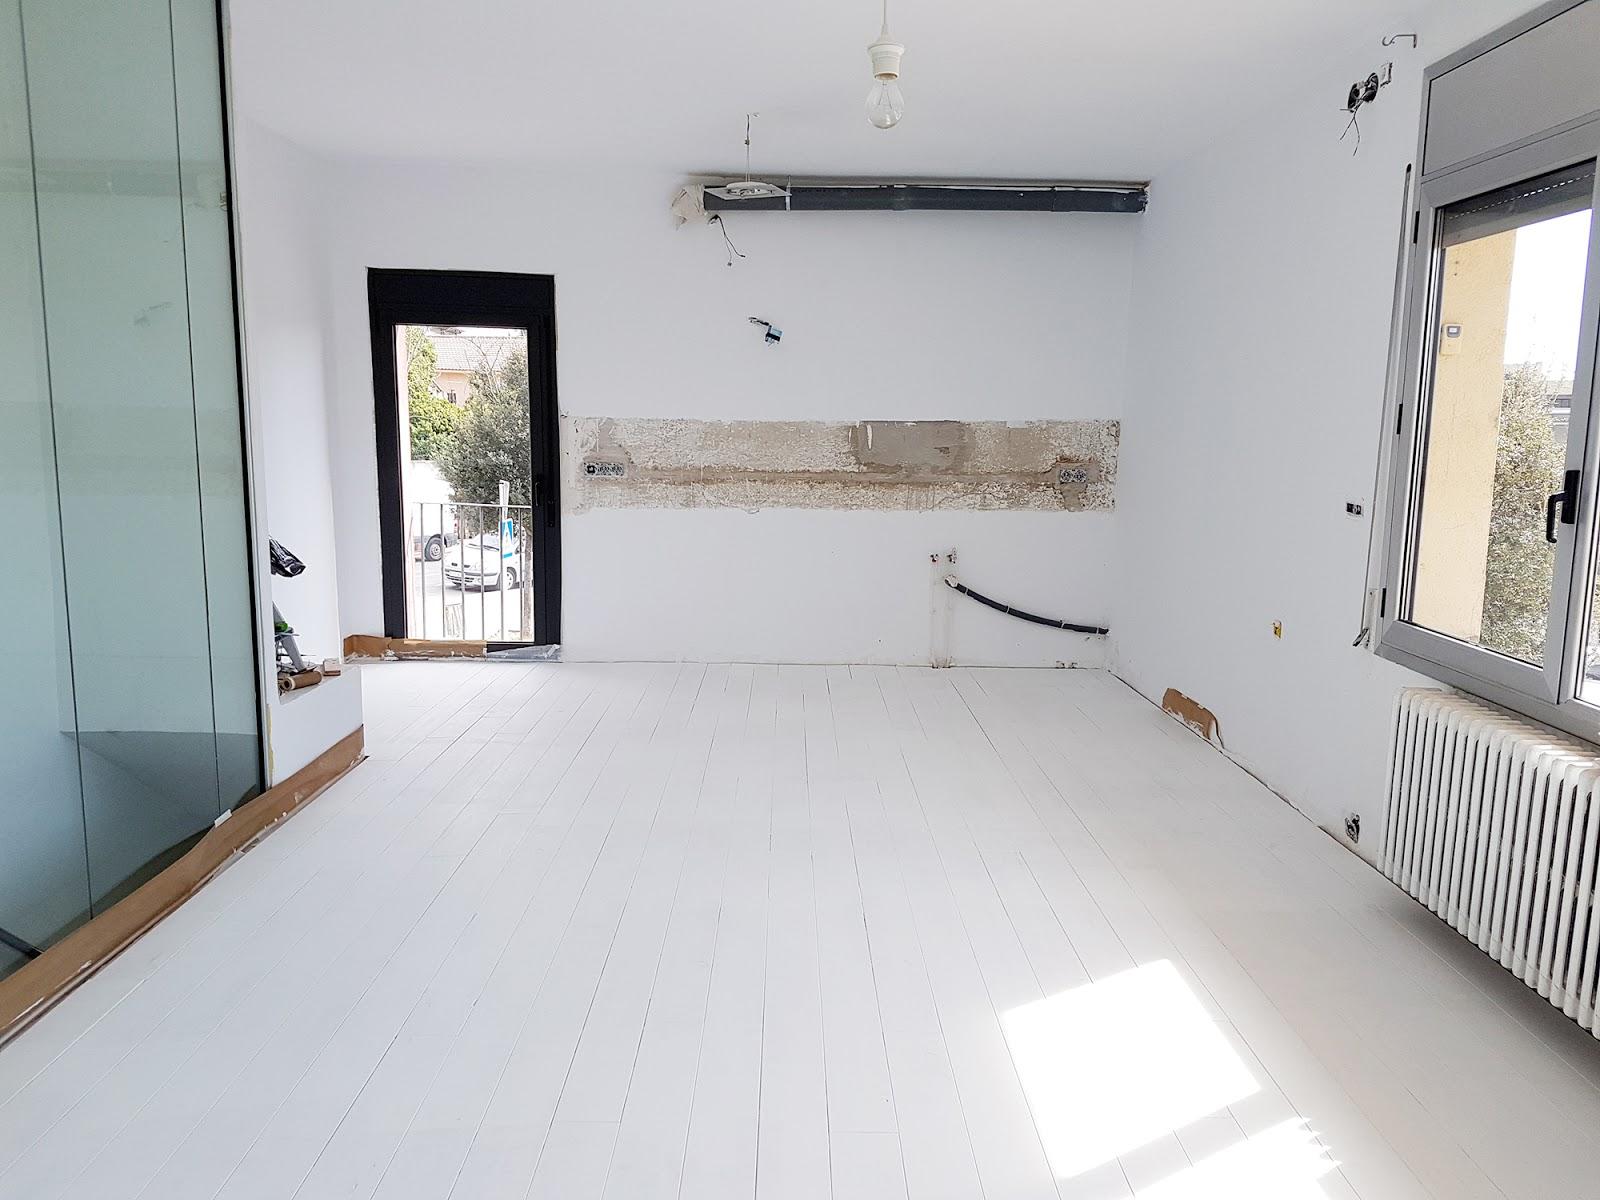 Nuestro suelo nuevo como pintar un suelo de parquet natural alquimia deco - Suelo parquet blanco ...